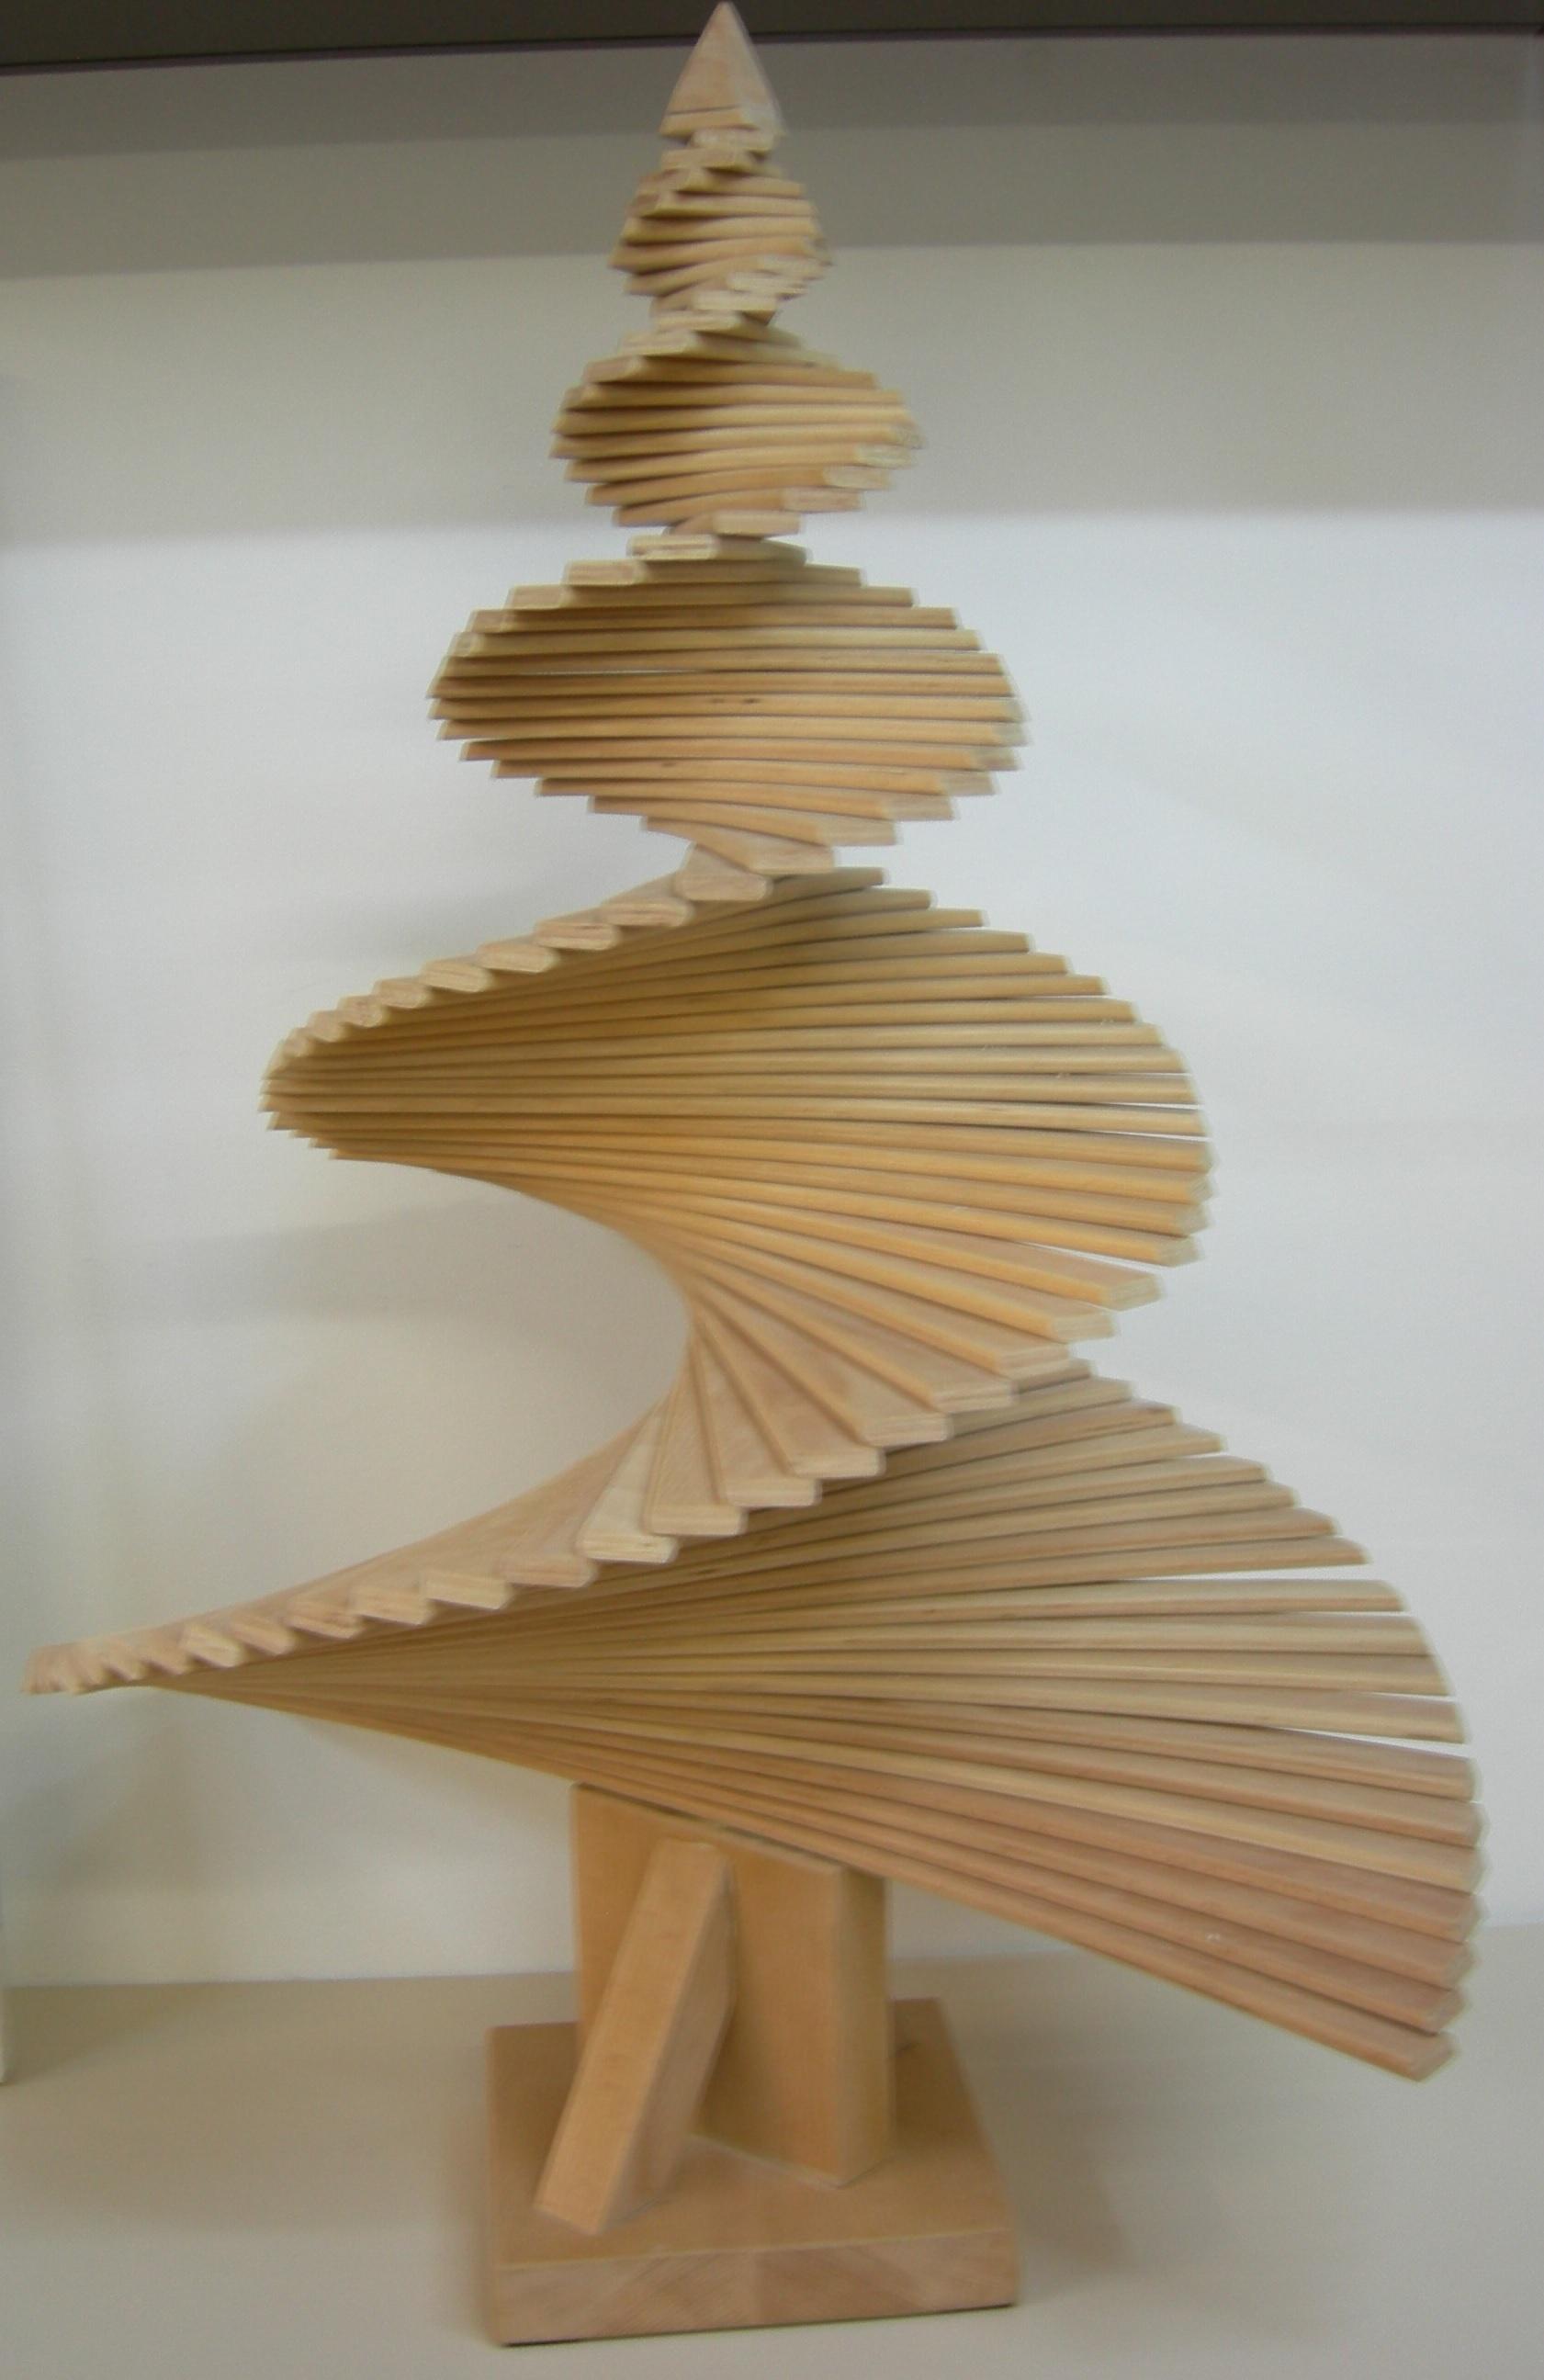 Quattro passi tra alberi e mercatini natalizi 2015 for Albero di natale di legno